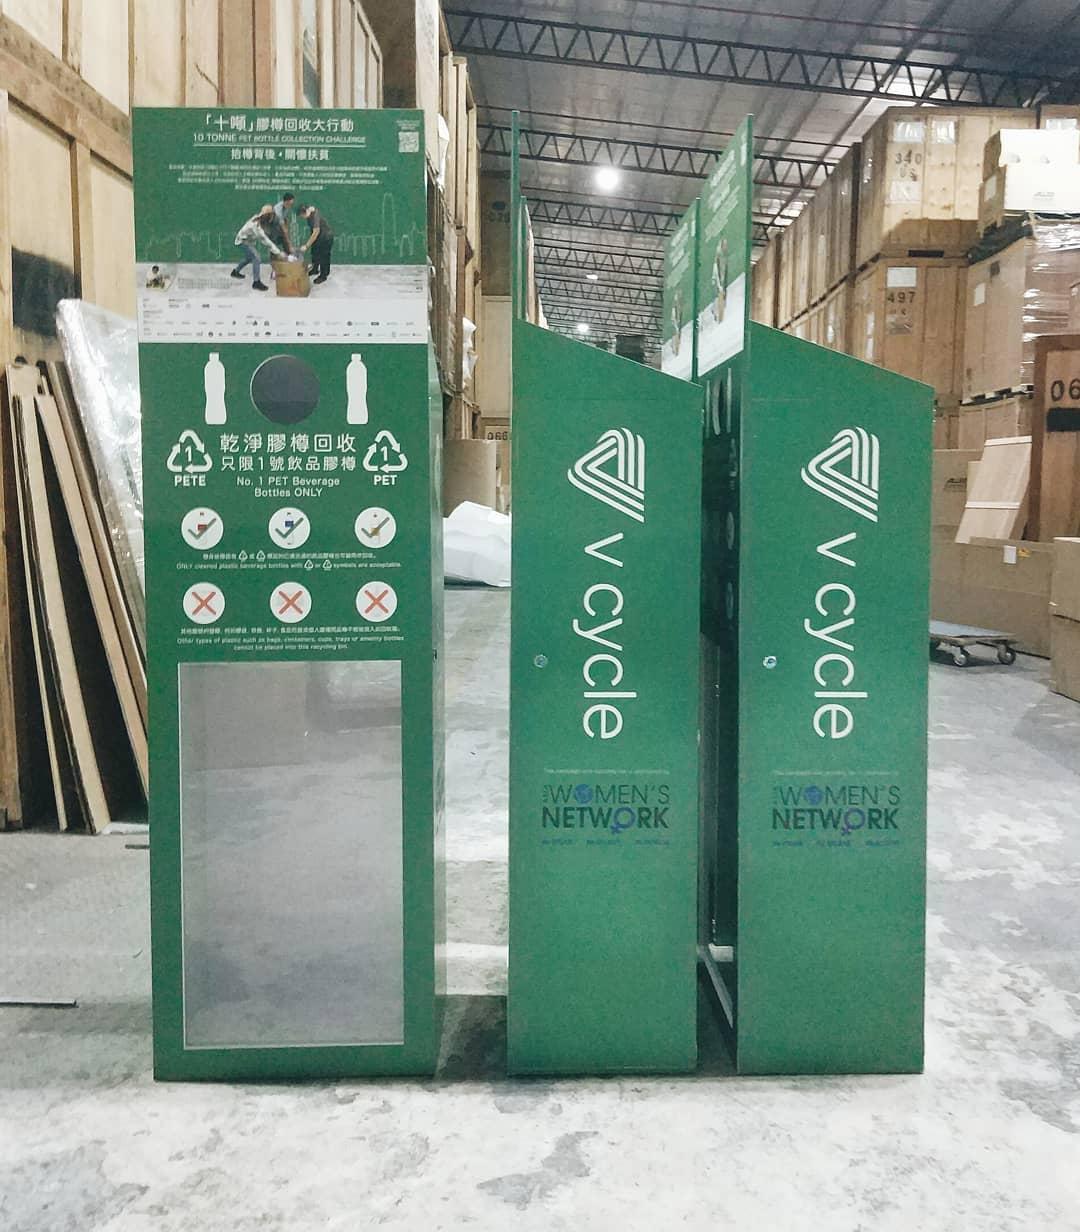 V Cycle的回收箱。(受訪者提供)